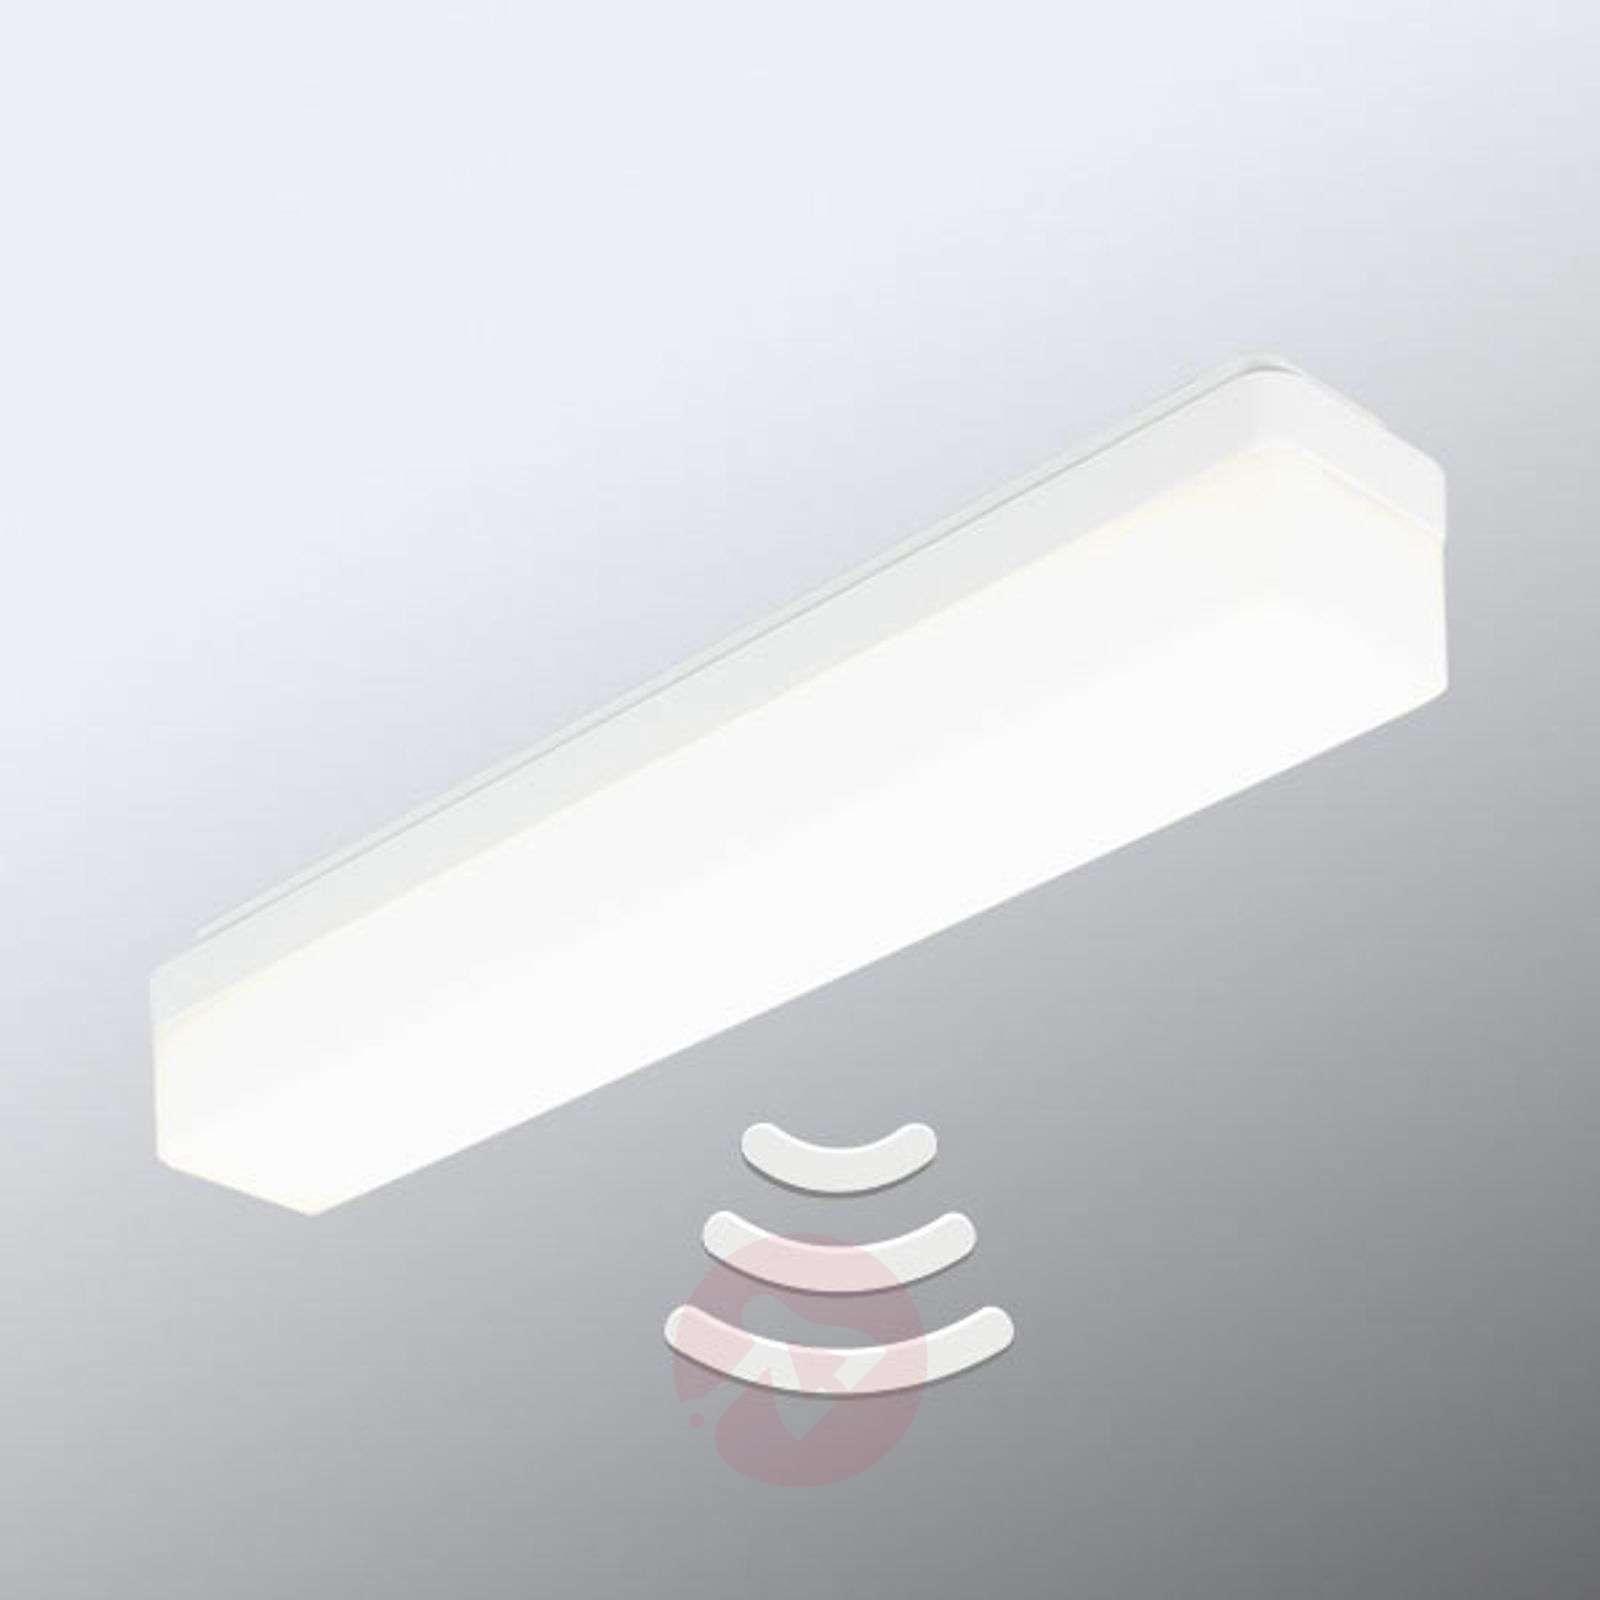 LED-peili-seinävalo A70-W365 1000 HF 15W Sensor-6040204X-01